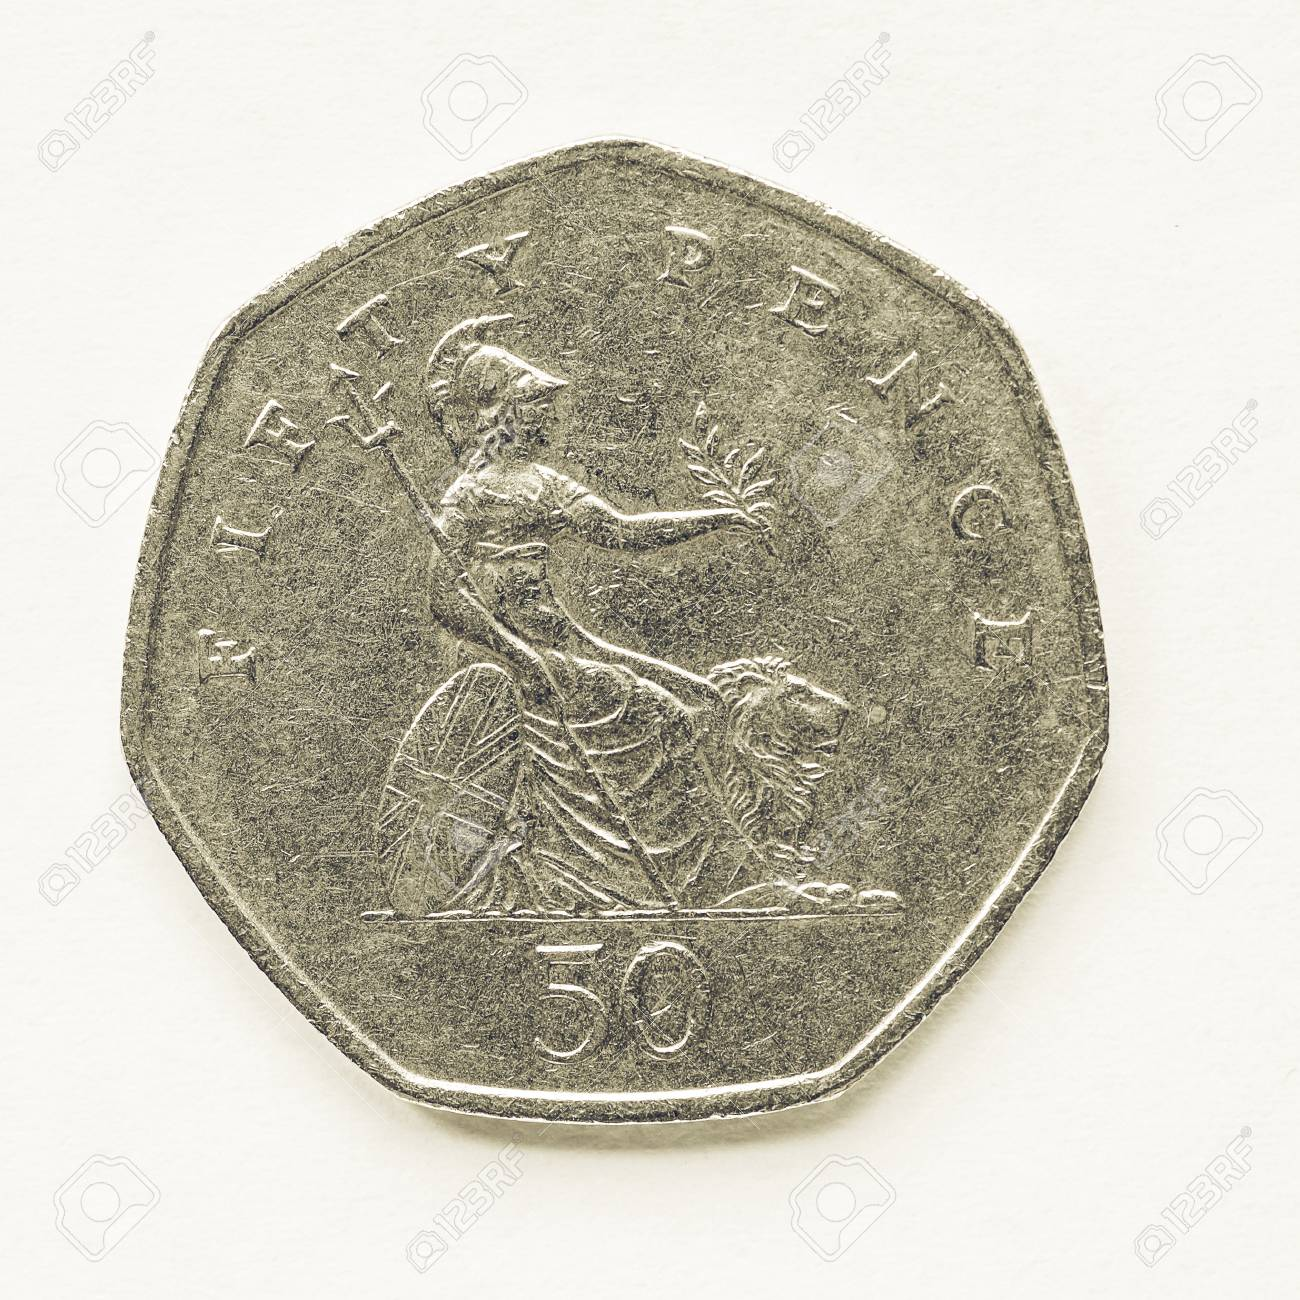 Jahrgang Suchen Währung Des Vereinigten Königreichs 50 Pence Münze